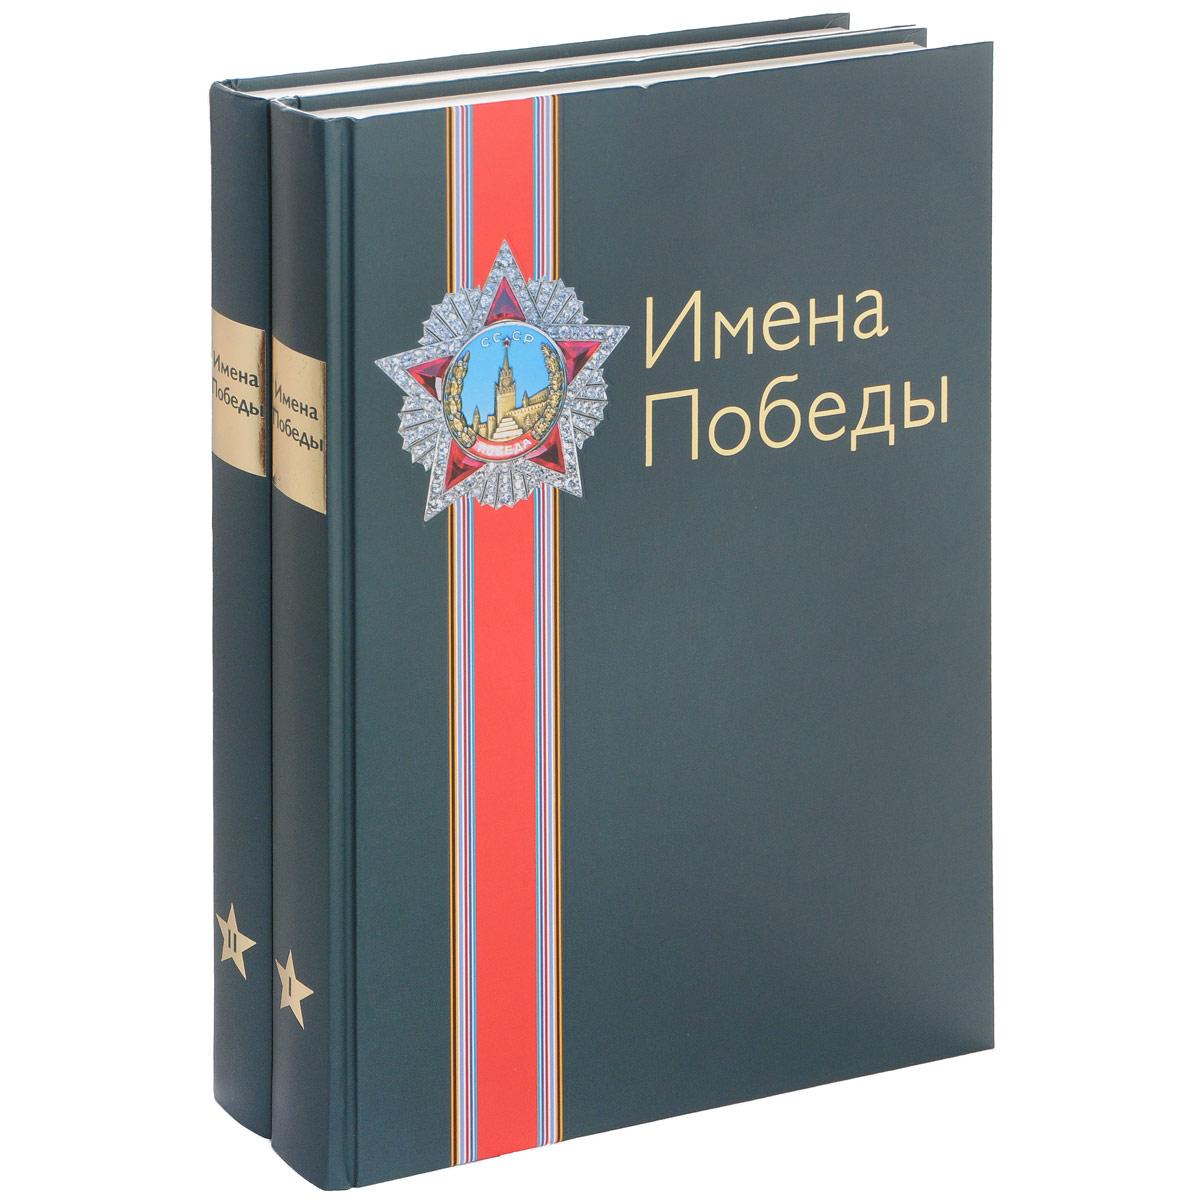 Н. Р. Малиновская, Е. В. Юрина Имена Победы. В 2 томах (комплект)